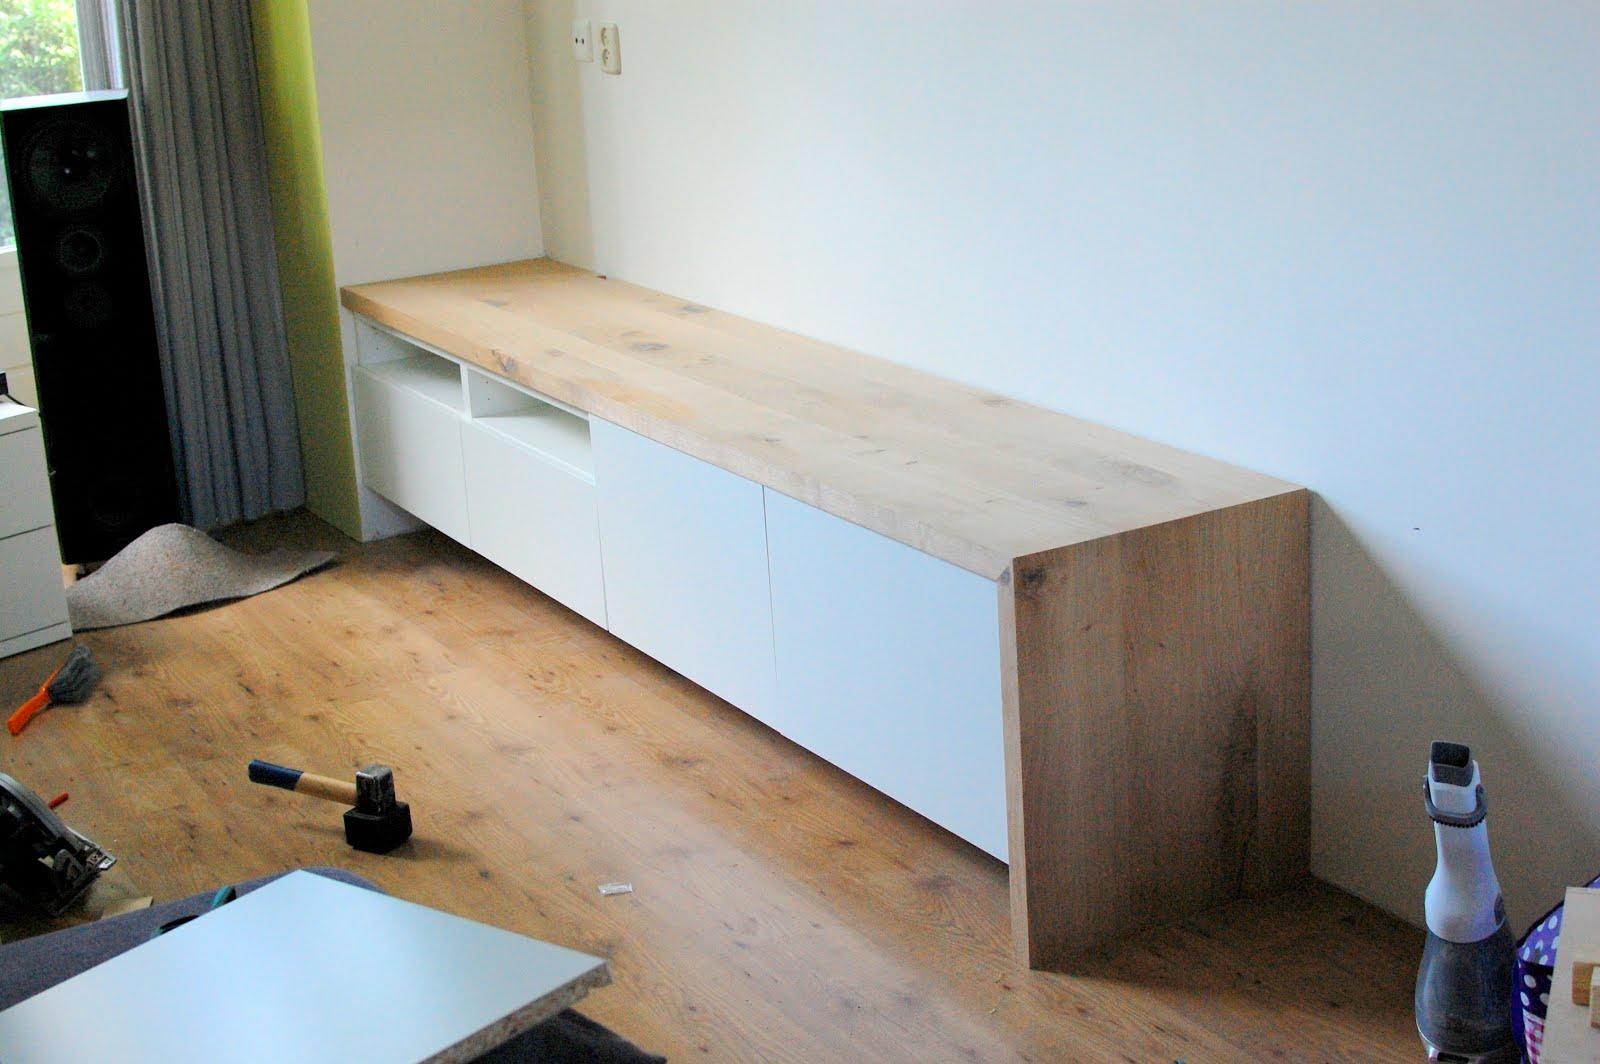 1000 images about ikea besta on pinterest. Black Bedroom Furniture Sets. Home Design Ideas